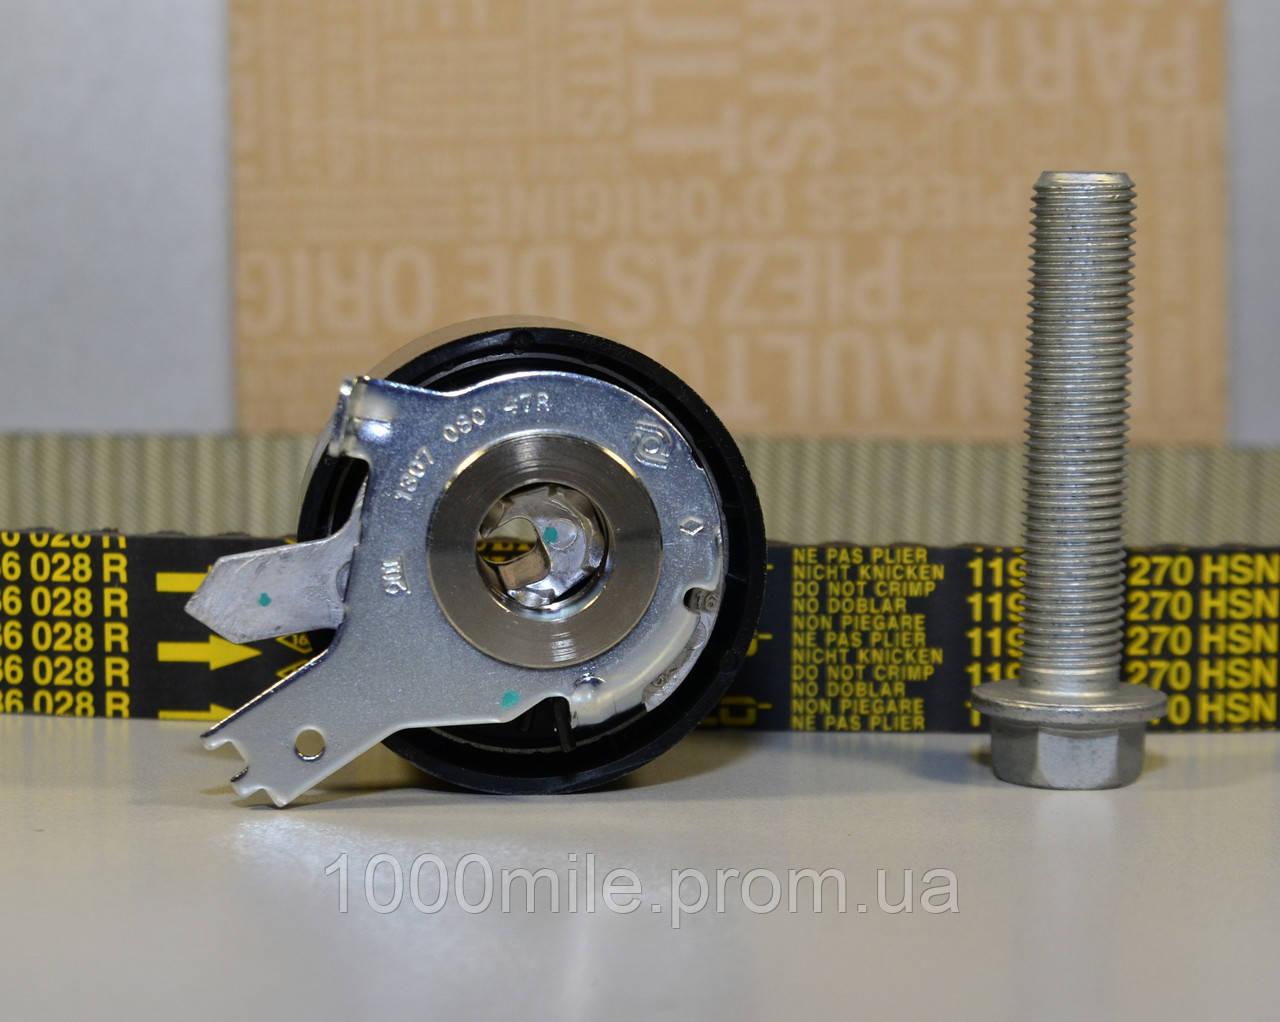 Комплект натяжитель + ремень ГРМ 1.5dCi на Renault Kangoo II  — Renault (Оригинал) - 130C11508R